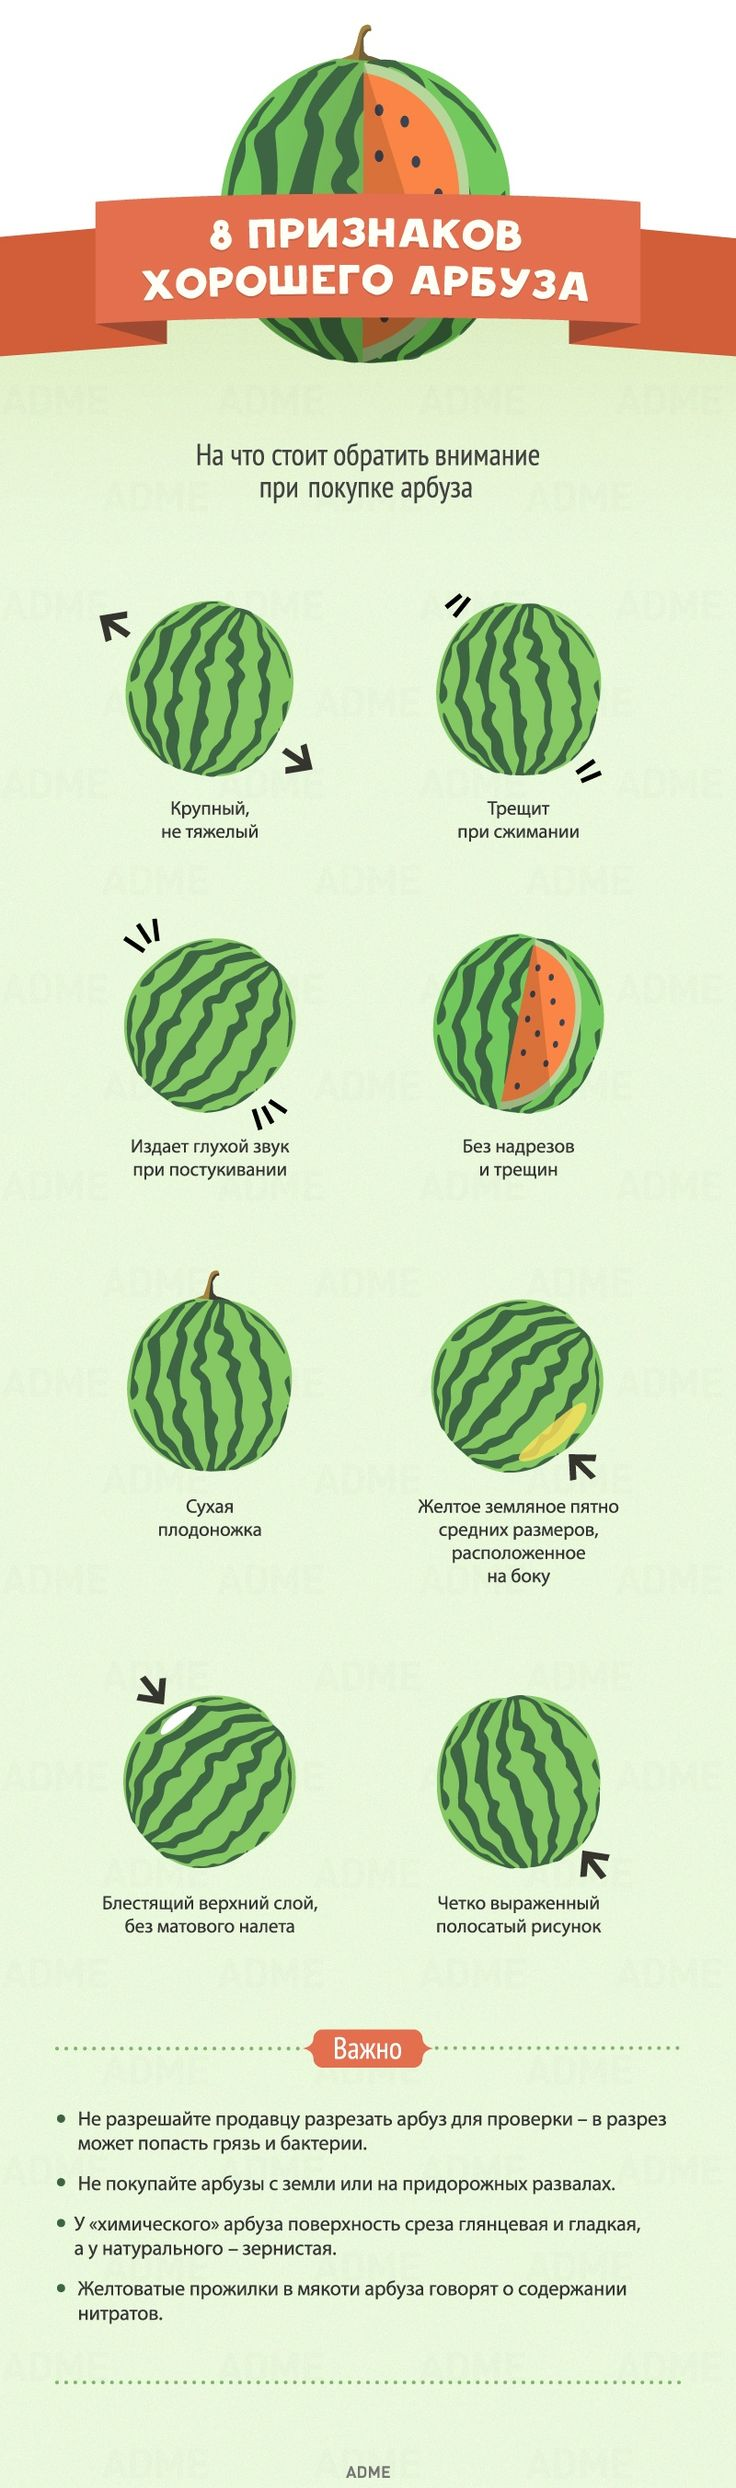 8признаков хорошего арбуза